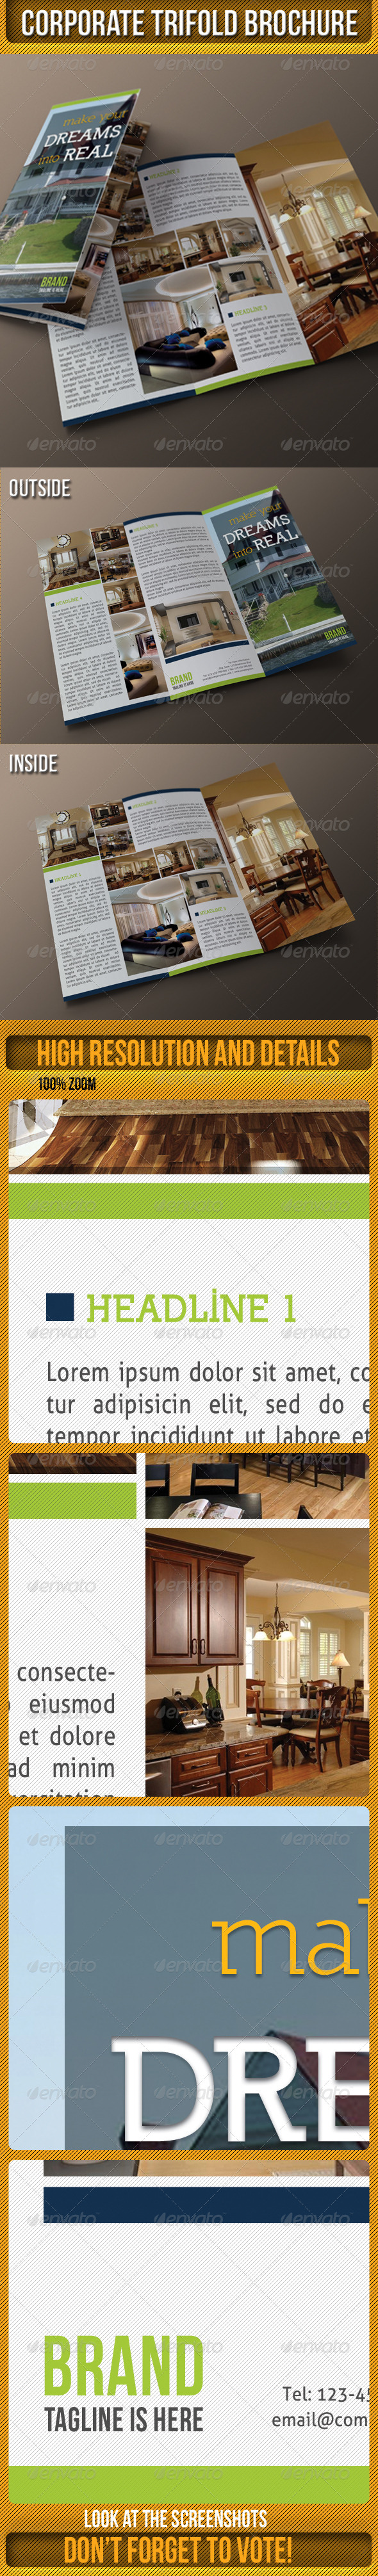 Corporate 3-Fold Brochure - Corporate Brochures